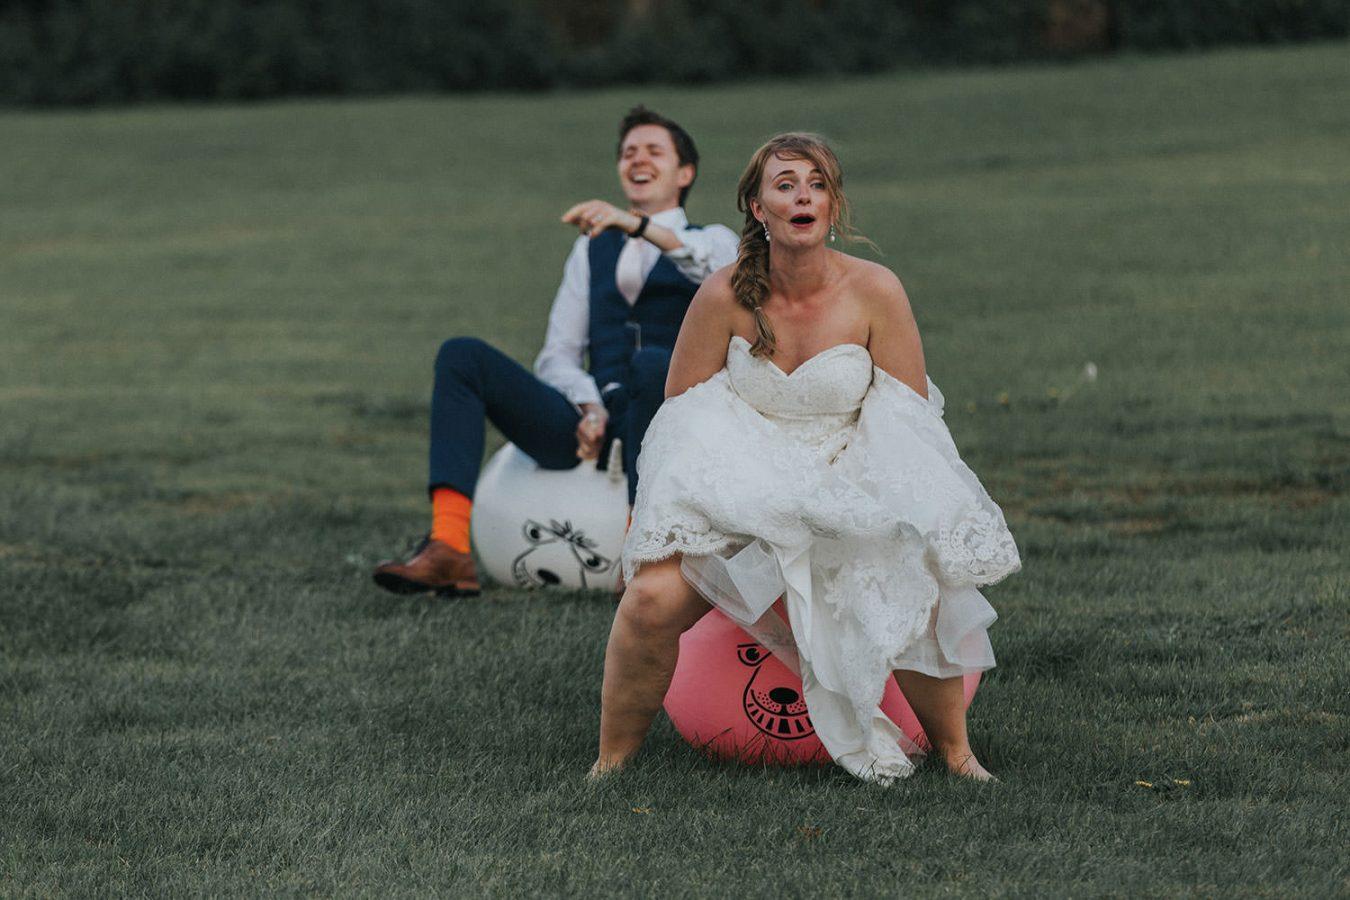 copdock-hall-wedding-photography-056